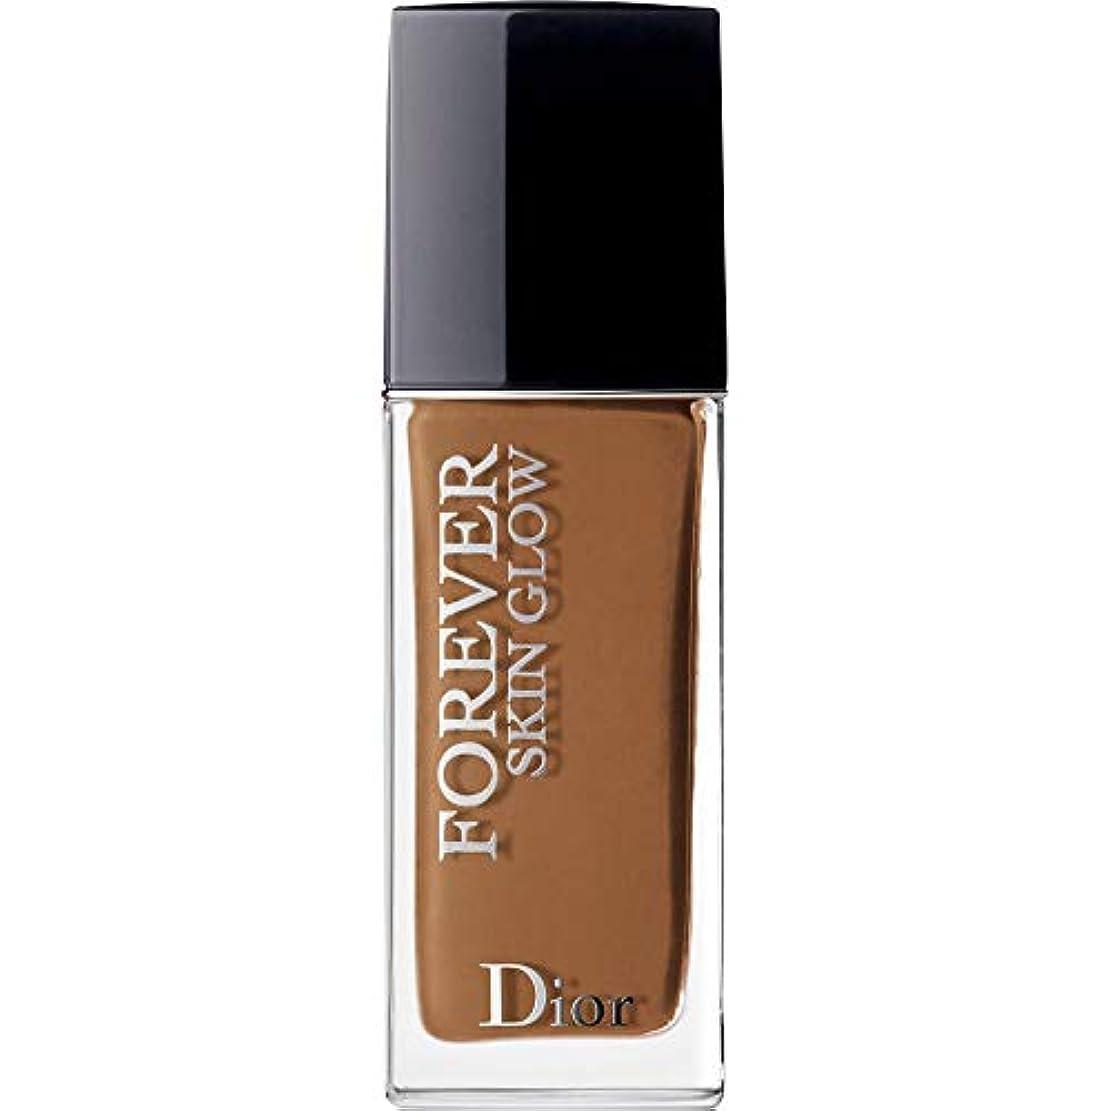 材料チャーター迅速[Dior ] ディオール永遠に皮膚グロー皮膚思いやりの基礎Spf35 30ミリリットルの7N - ニュートラル(肌の輝き) - DIOR Forever Skin Glow Skin-Caring Foundation...